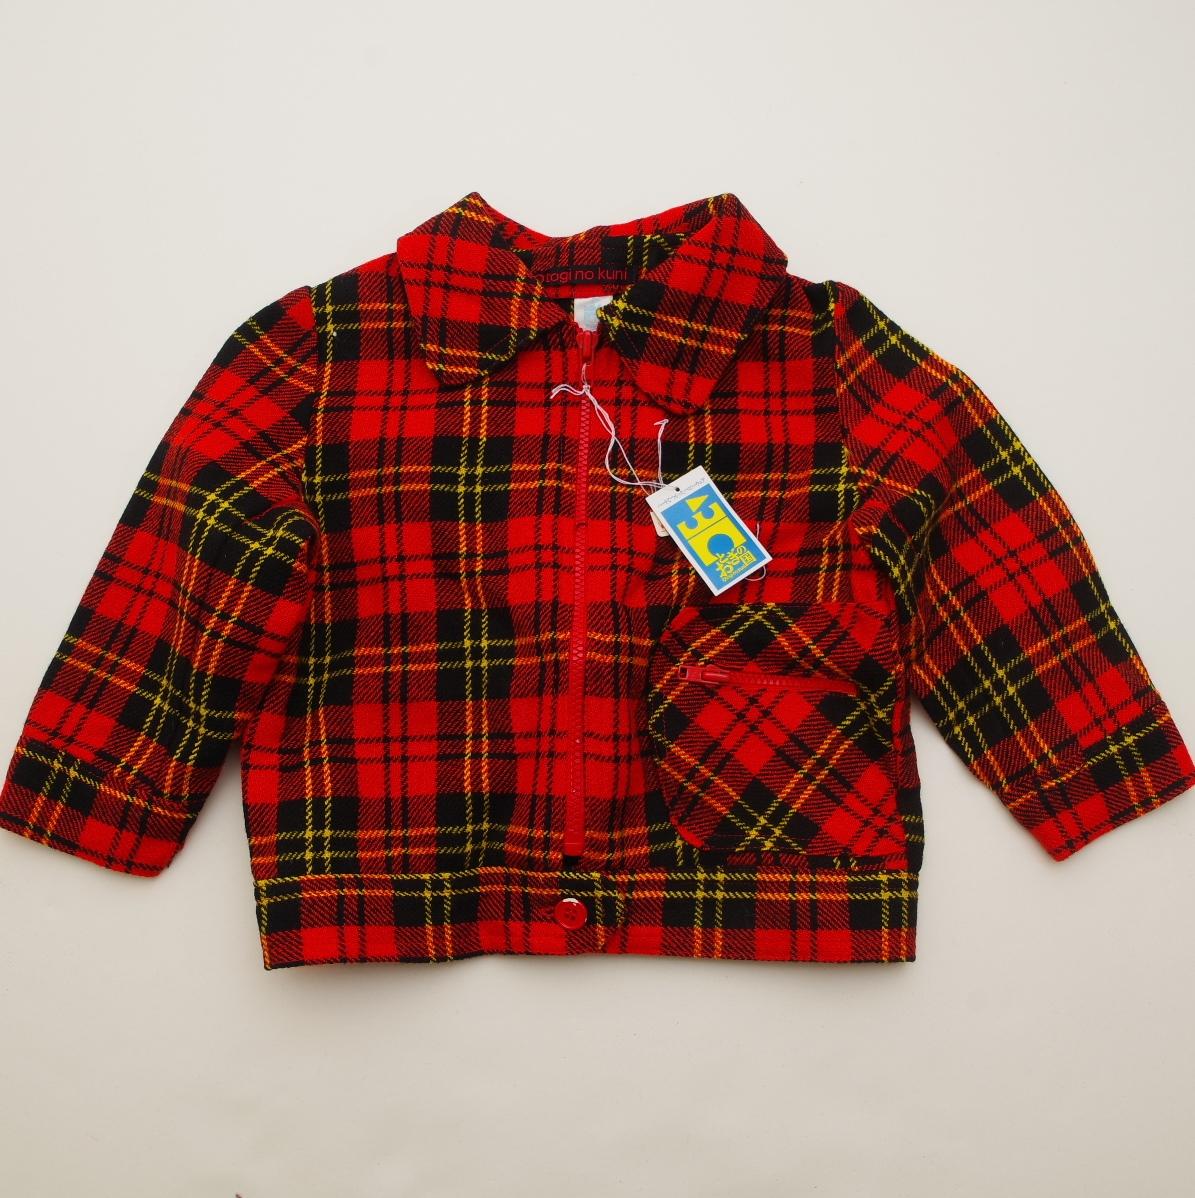 レトロ おとぎの国 衿つきジャケット 2才 (1802-9586)